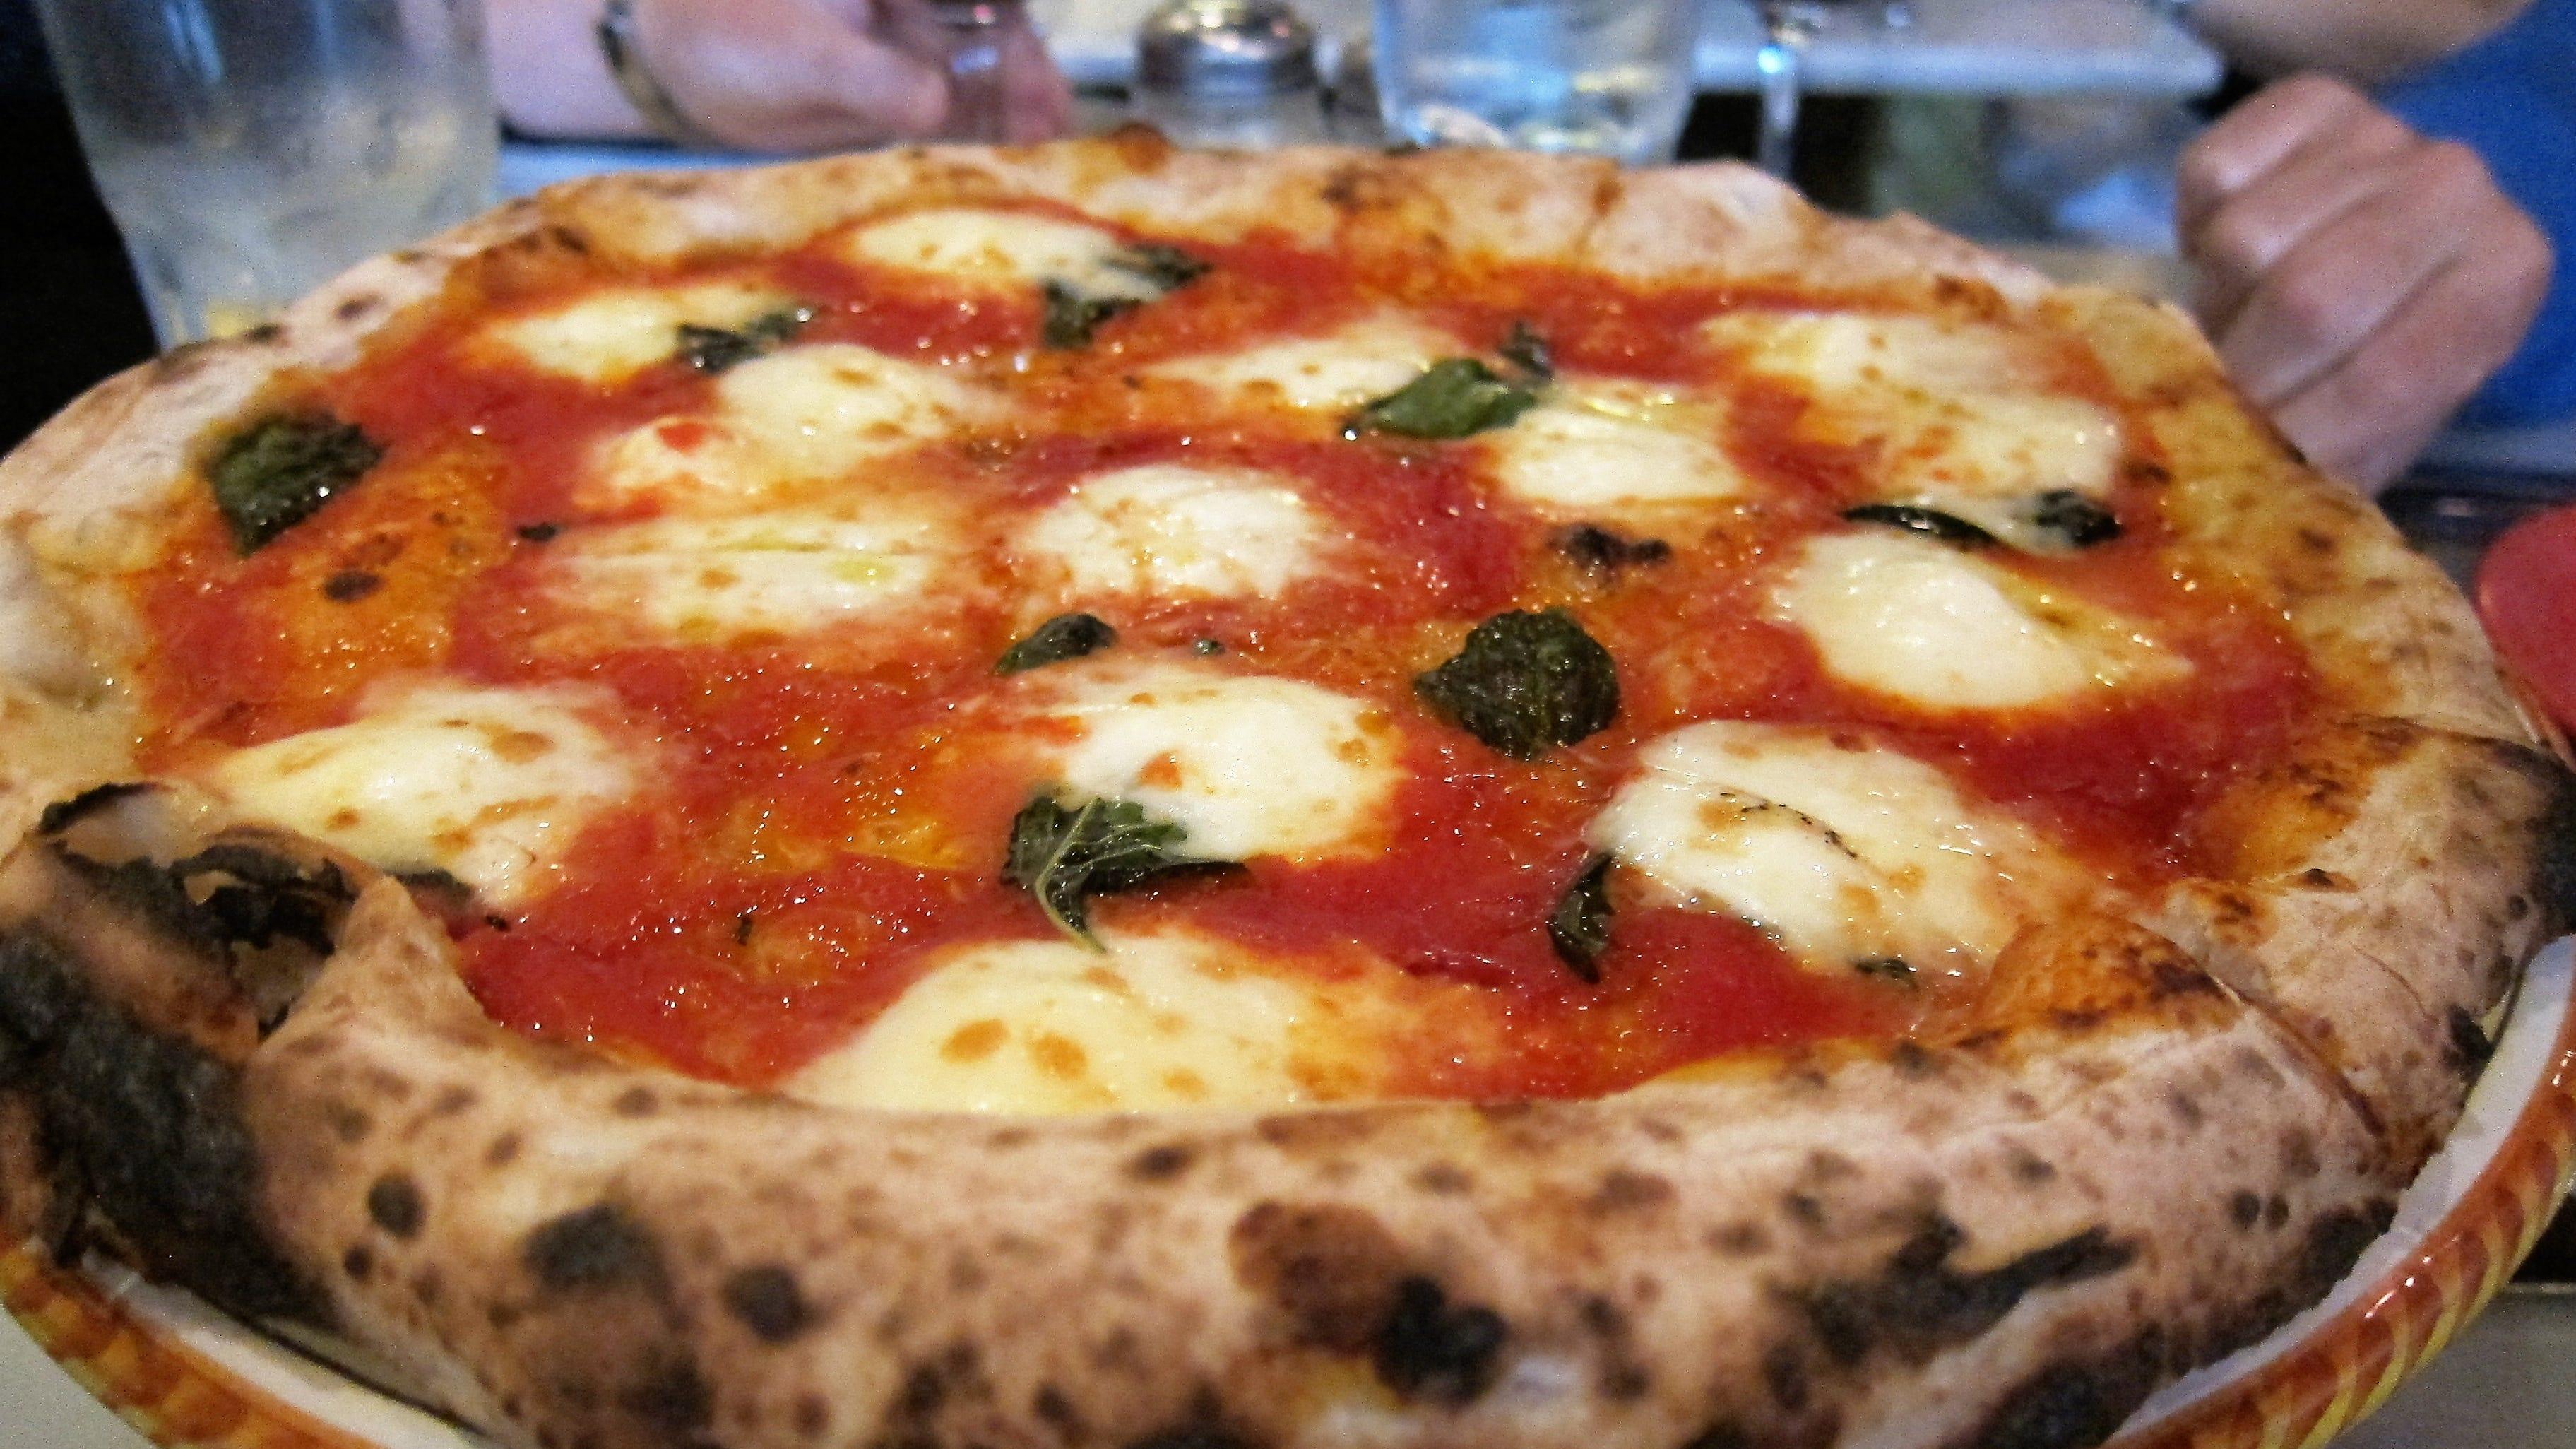 The traditional Neapolitan pizza at Tony's Pizza Napoletana in San Francisco.